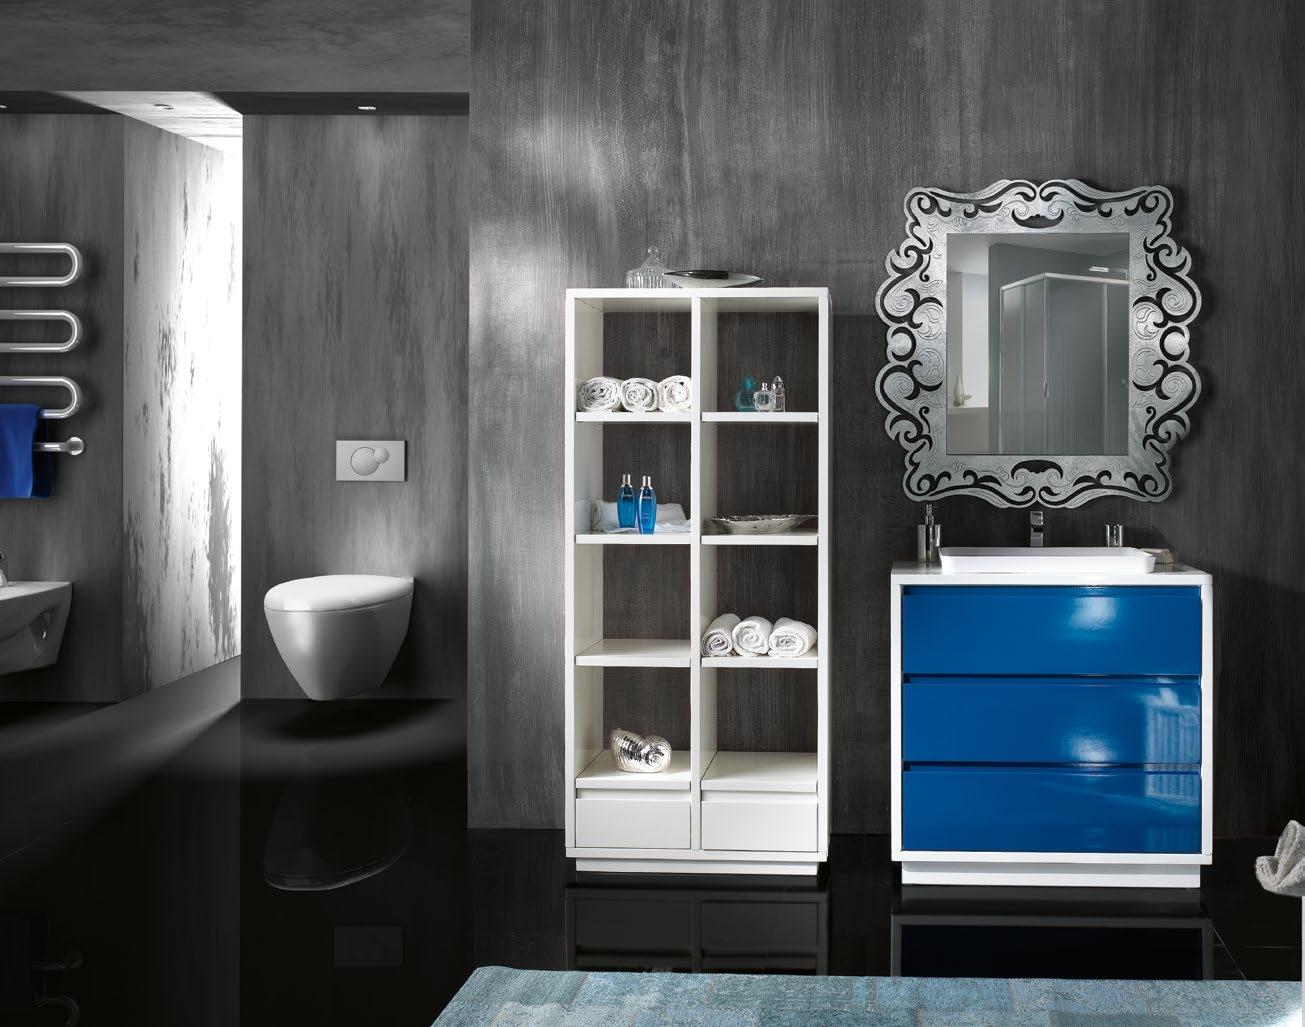 mobile arredo bagno con i cassettoni lavello ad incasso completo di specchiera e colonna